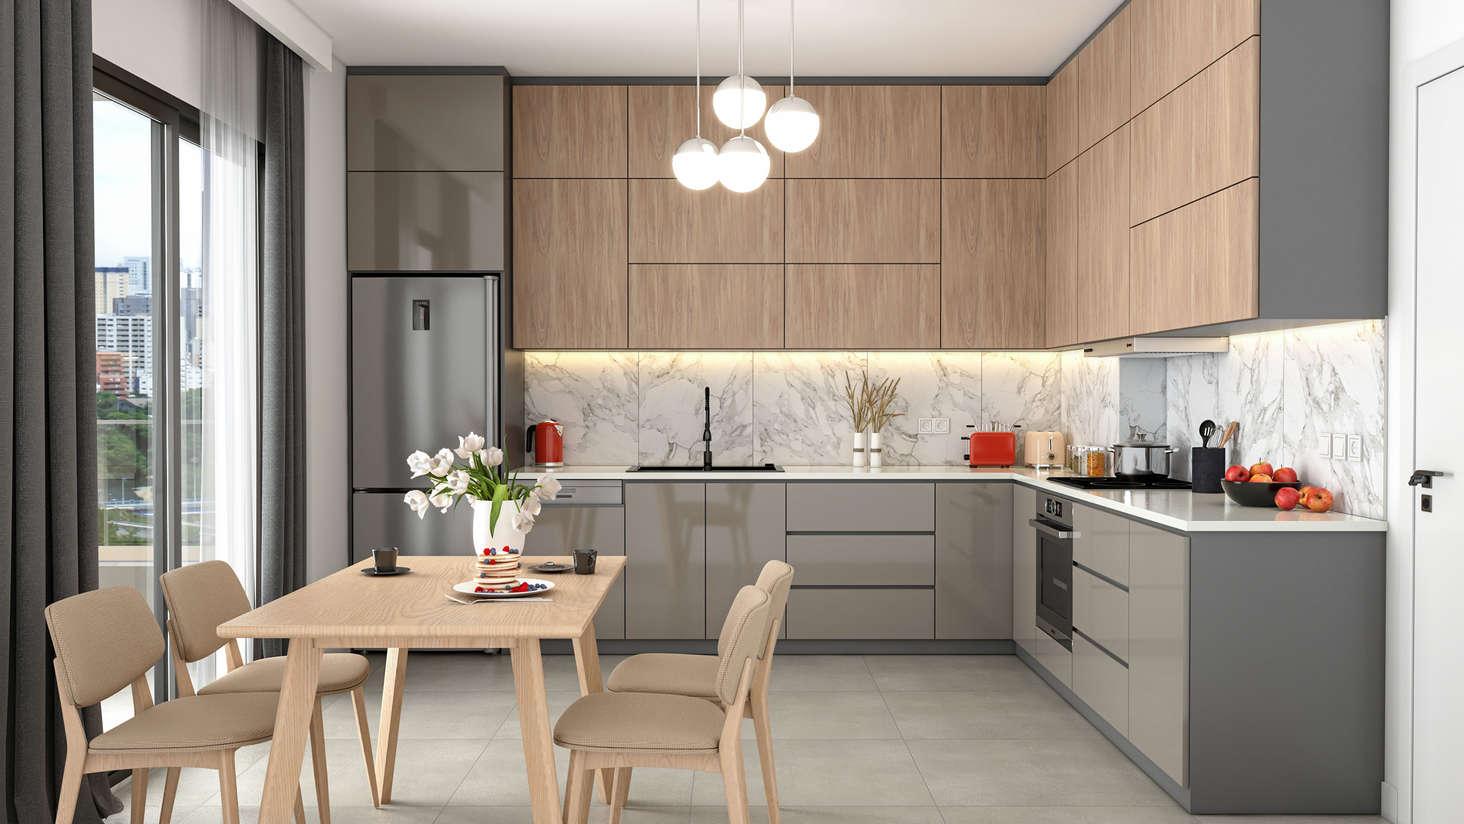 mutfak final site için.jpg